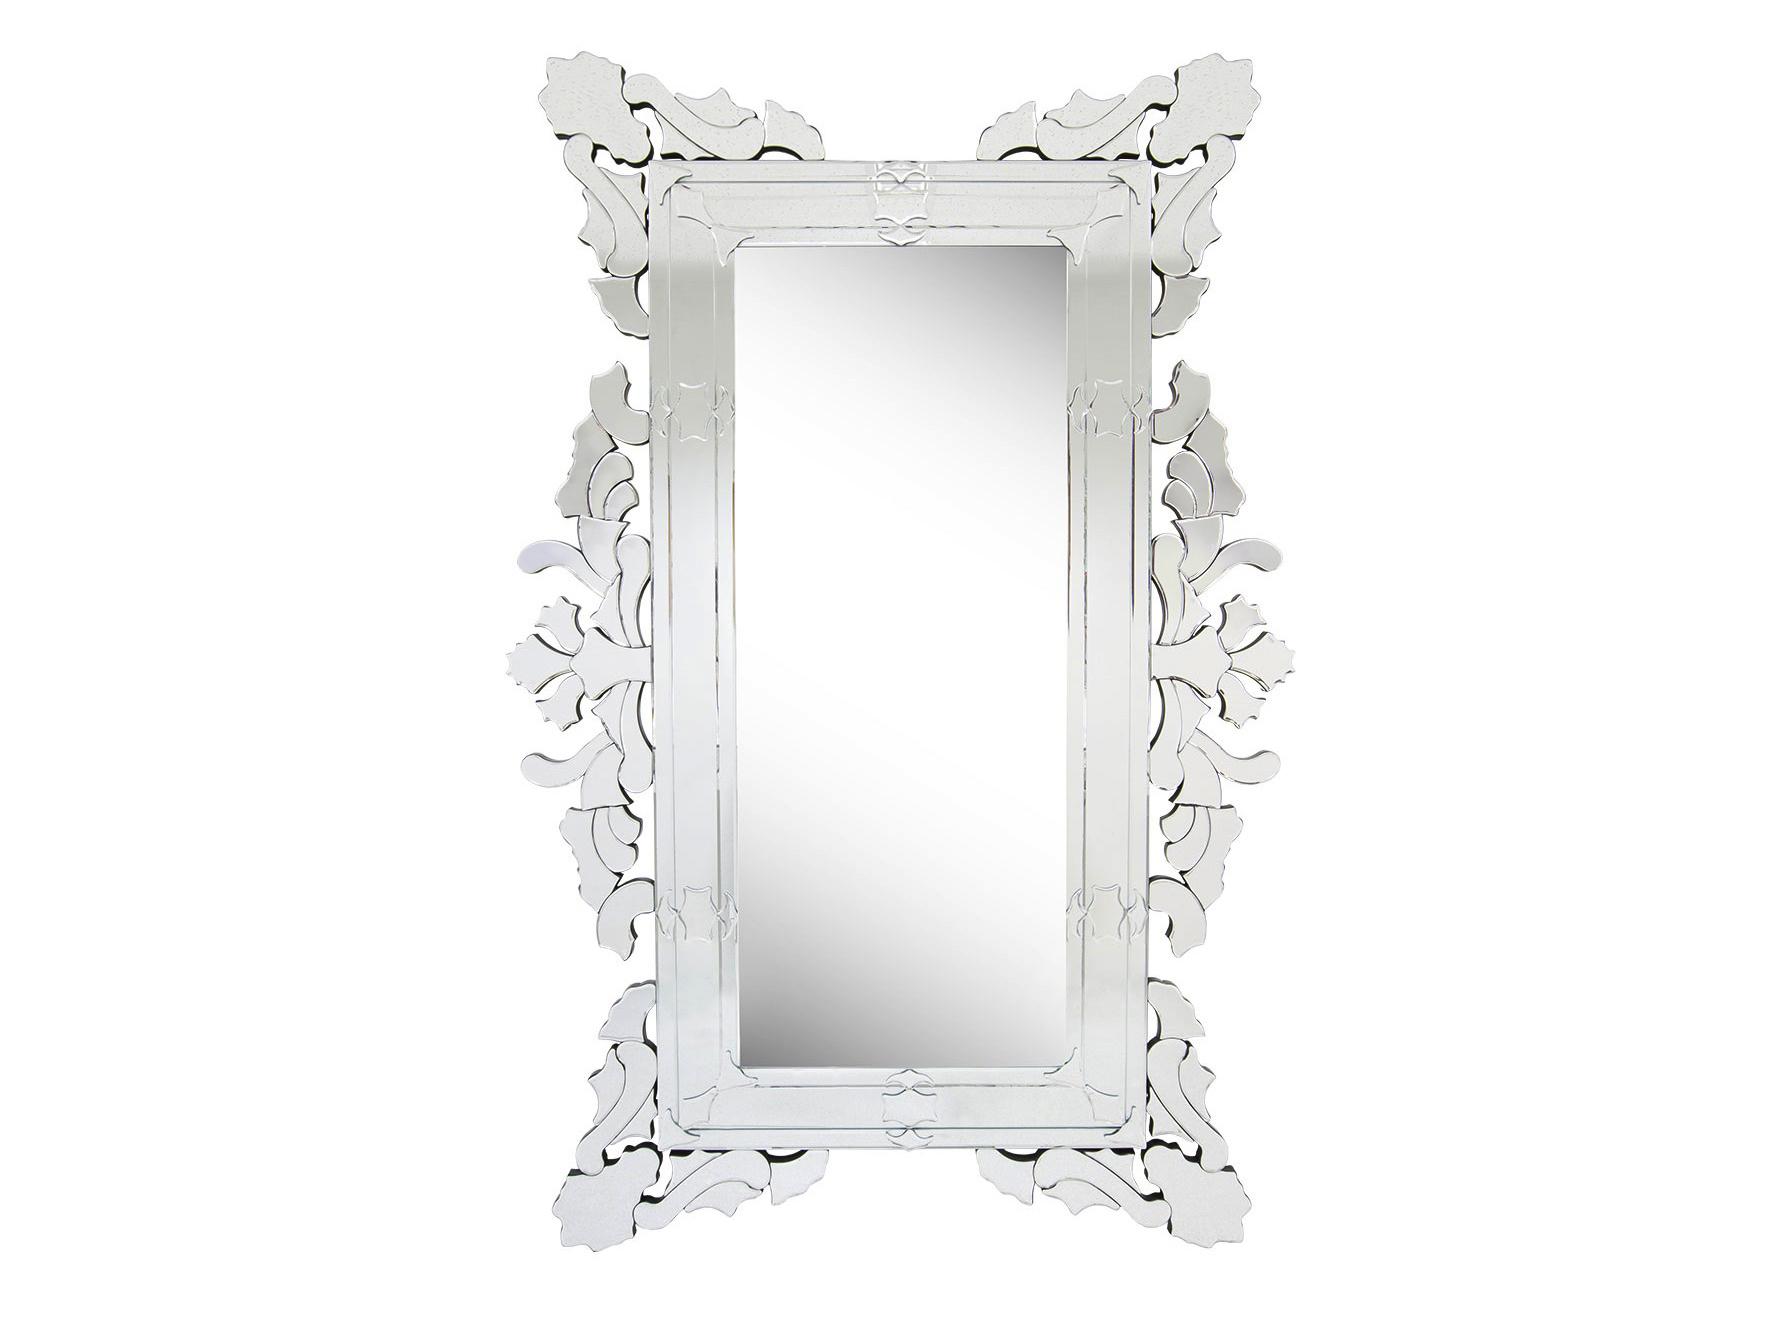 ЗеркалоНастенные зеркала<br>Зеркало от Garda Decor ? одно из лучших воплощений королевской роскоши. Выполненное в стиле эпохи ренессанса, оно сочетает в своем образе ясность геометрических пропорций с обильным и пышным декорированием. Так, рама простой прямоугольной формы обретает шик благодаря резным орнаментам, украшающим каждую ее деталь. Выполненные из зеркальных элементов, они не выглядят аляповатыми или громоздкими. Отражающая поверхность позволяет им смотреться эффектно и элегантно одновременно.<br><br>Material: Стекло<br>Ширина см: 118